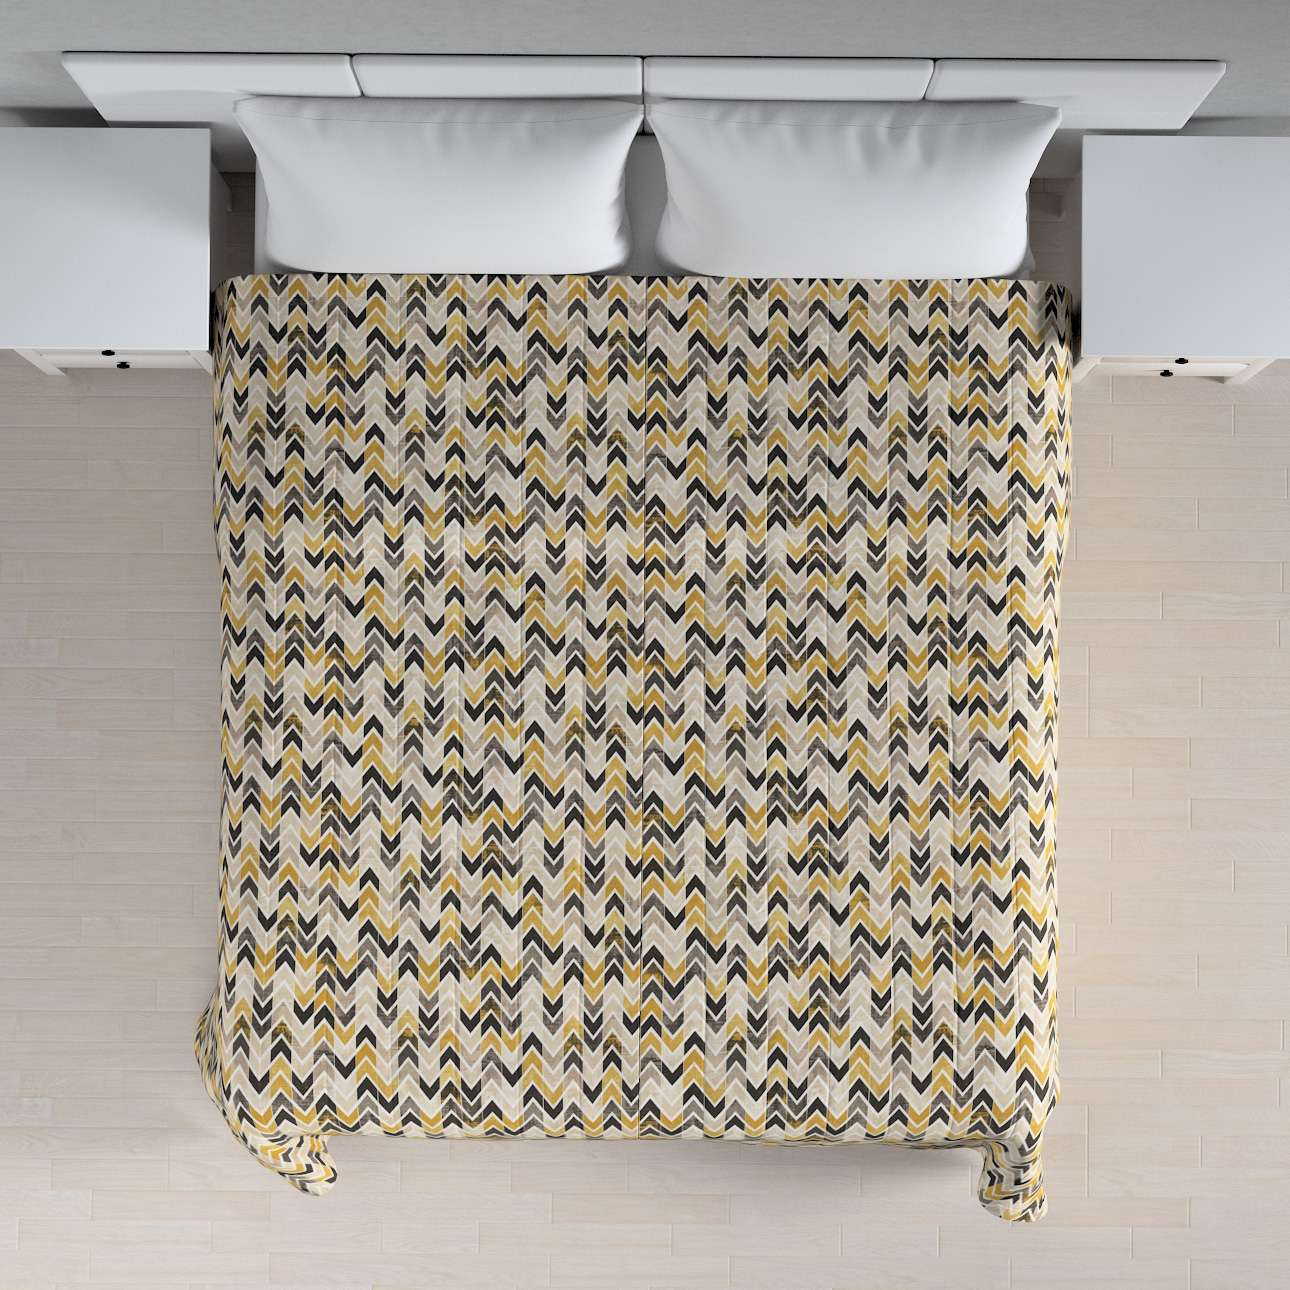 Narzuta pikowana w pasy w kolekcji Modern, tkanina: 142-79